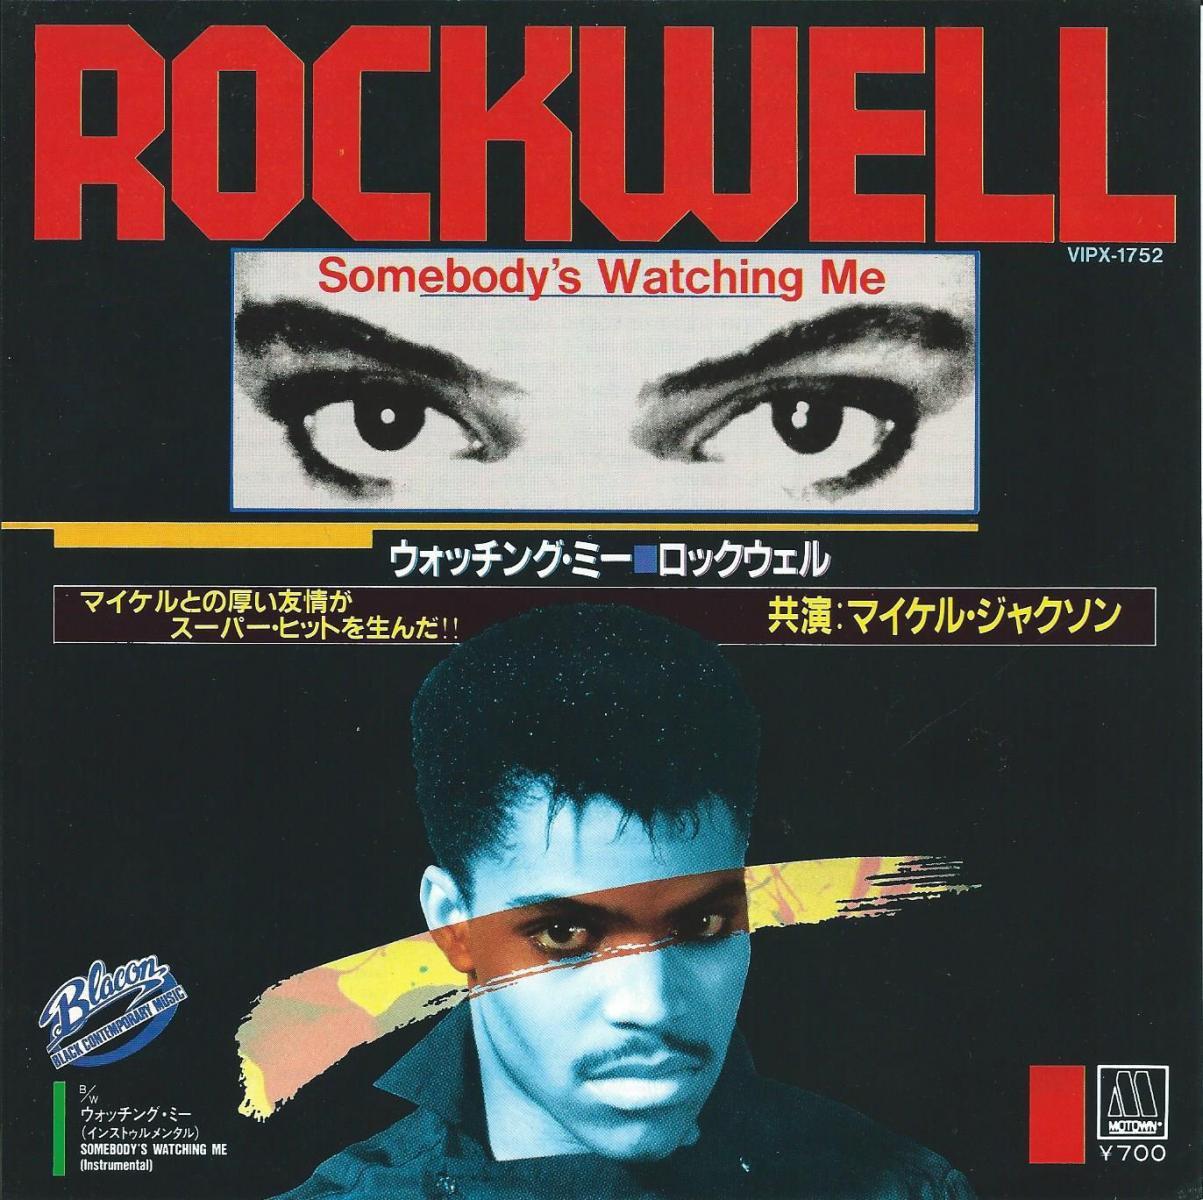 ロックウェル ROCKWELL / ウォッチング・ミー SOMEBODY'S WATCHING ME (7